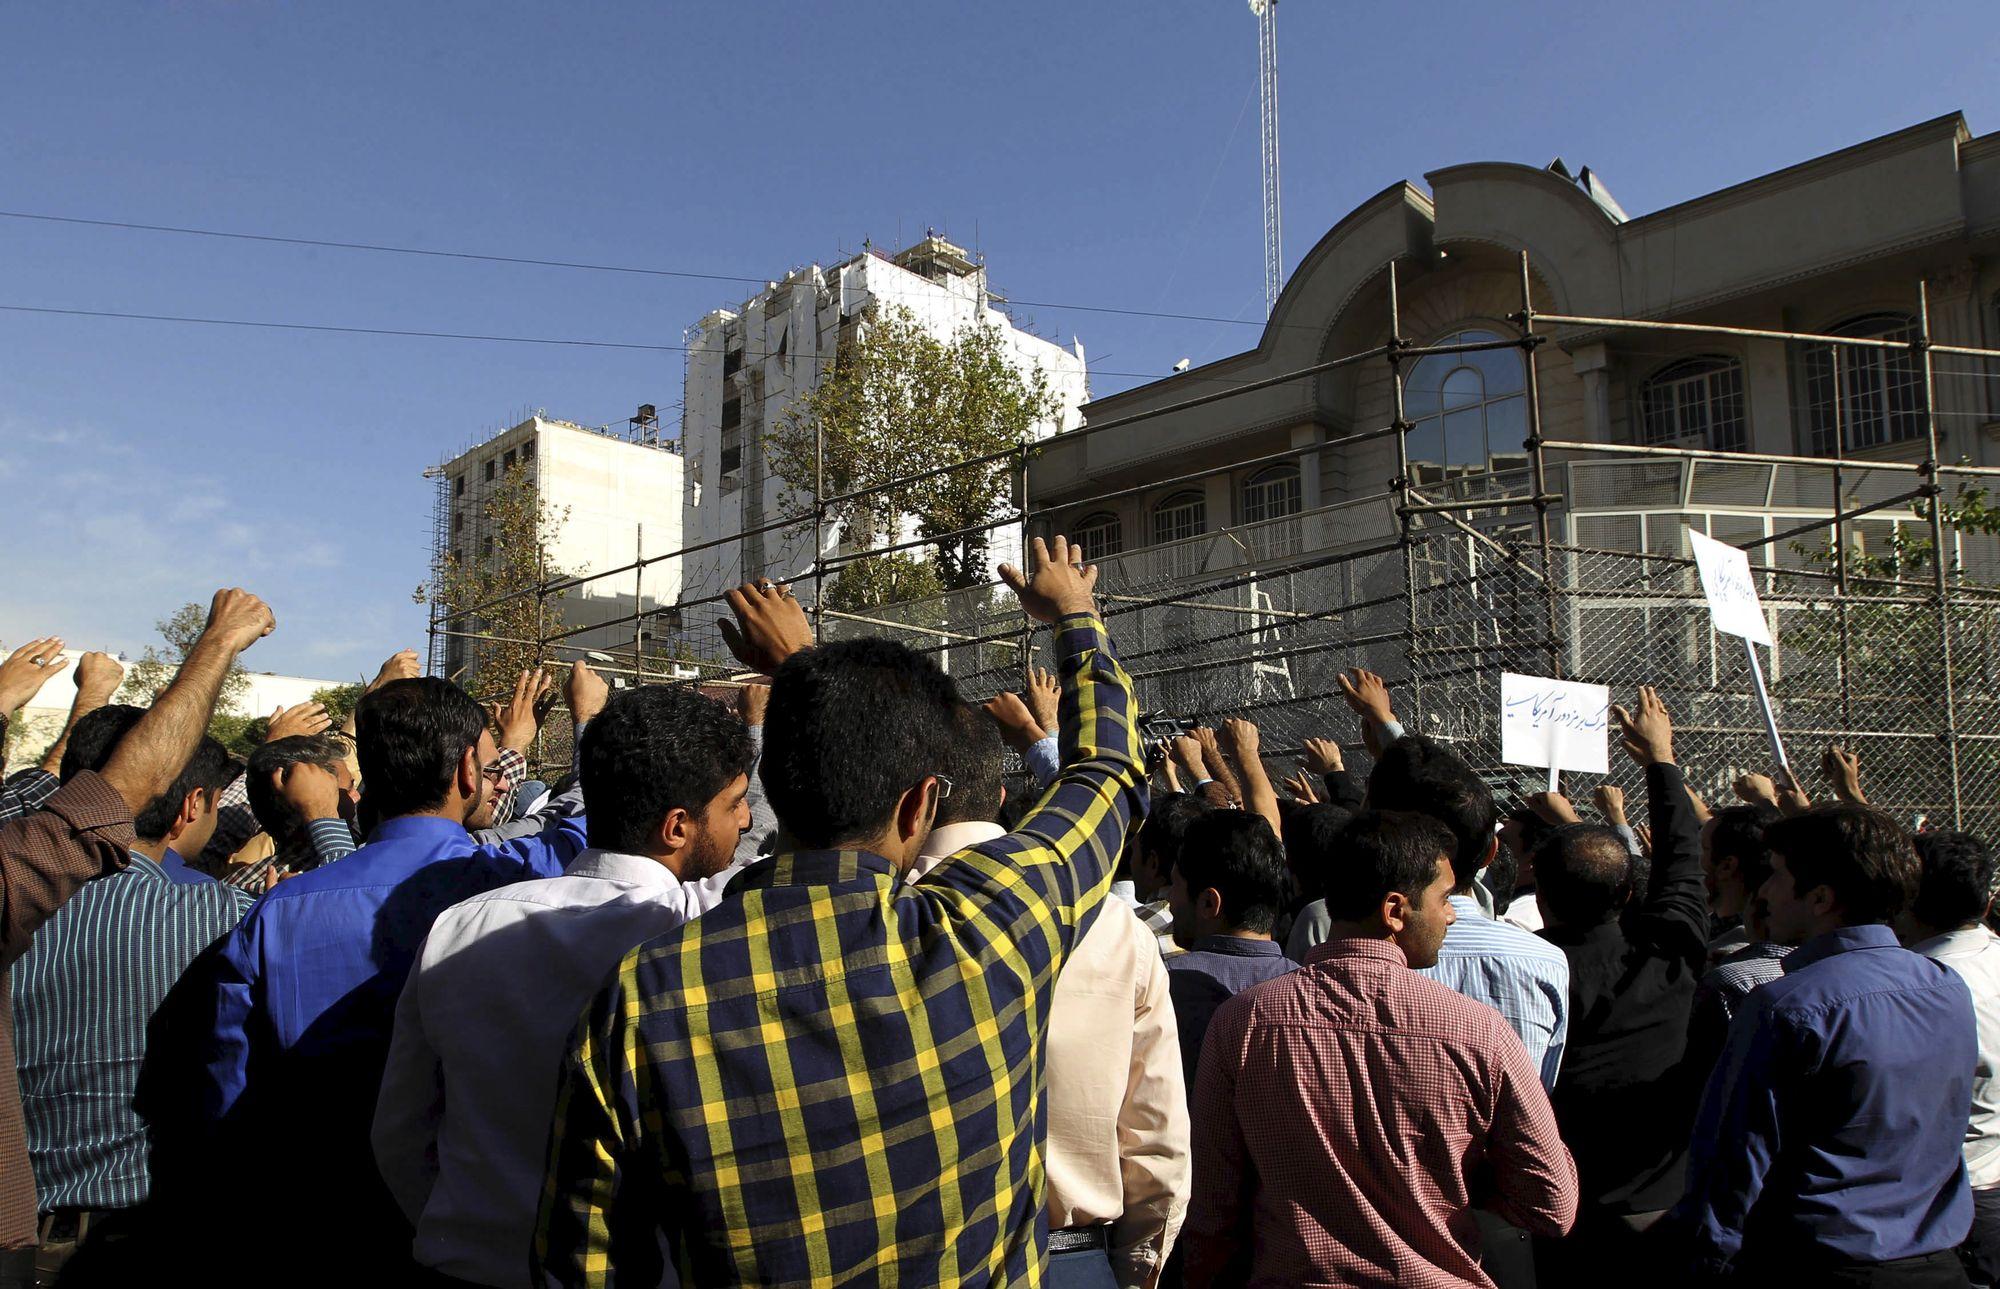 L'ambassade saoudienne à Téhéran avait déjà été la cible de manifestations à la suite de la bousculade mortelle lors du pèlerinage à la Mecque au mois de septembre 2015.